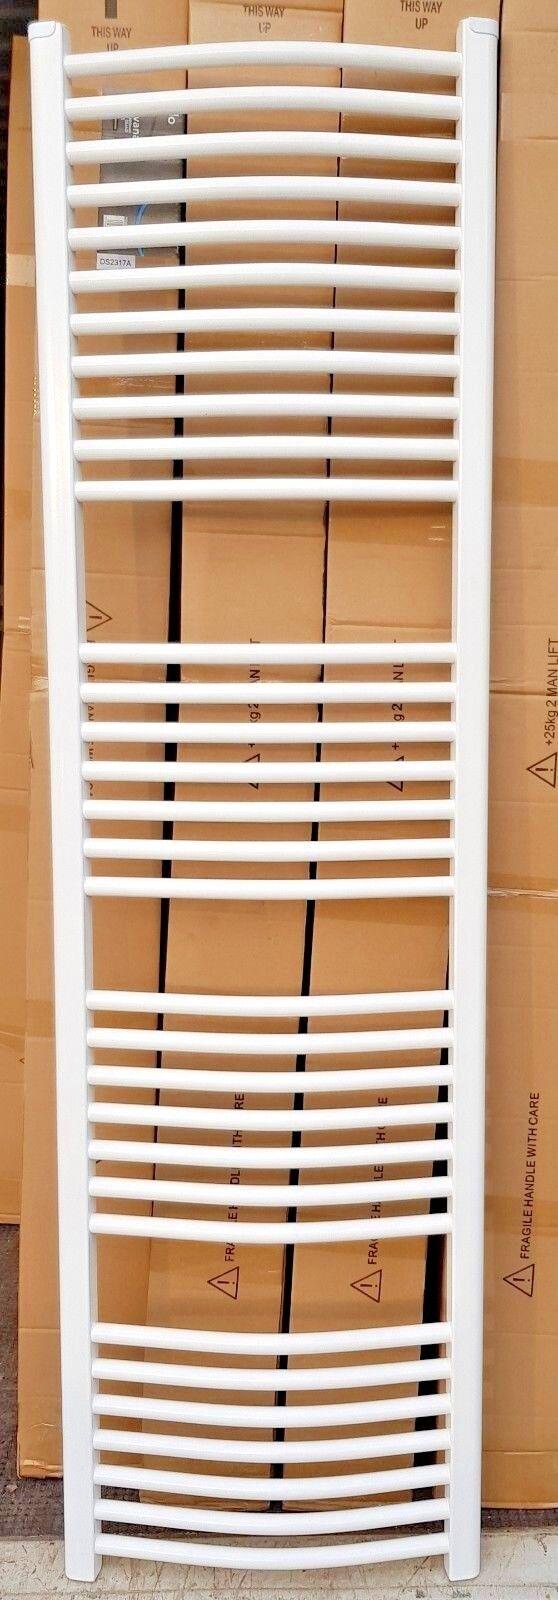 Tall BIANCO CURVO CURVO CURVO 500mm x 1750mm 4 Portasciugamani Radiatore scalda   Bagno Rad 60efd9